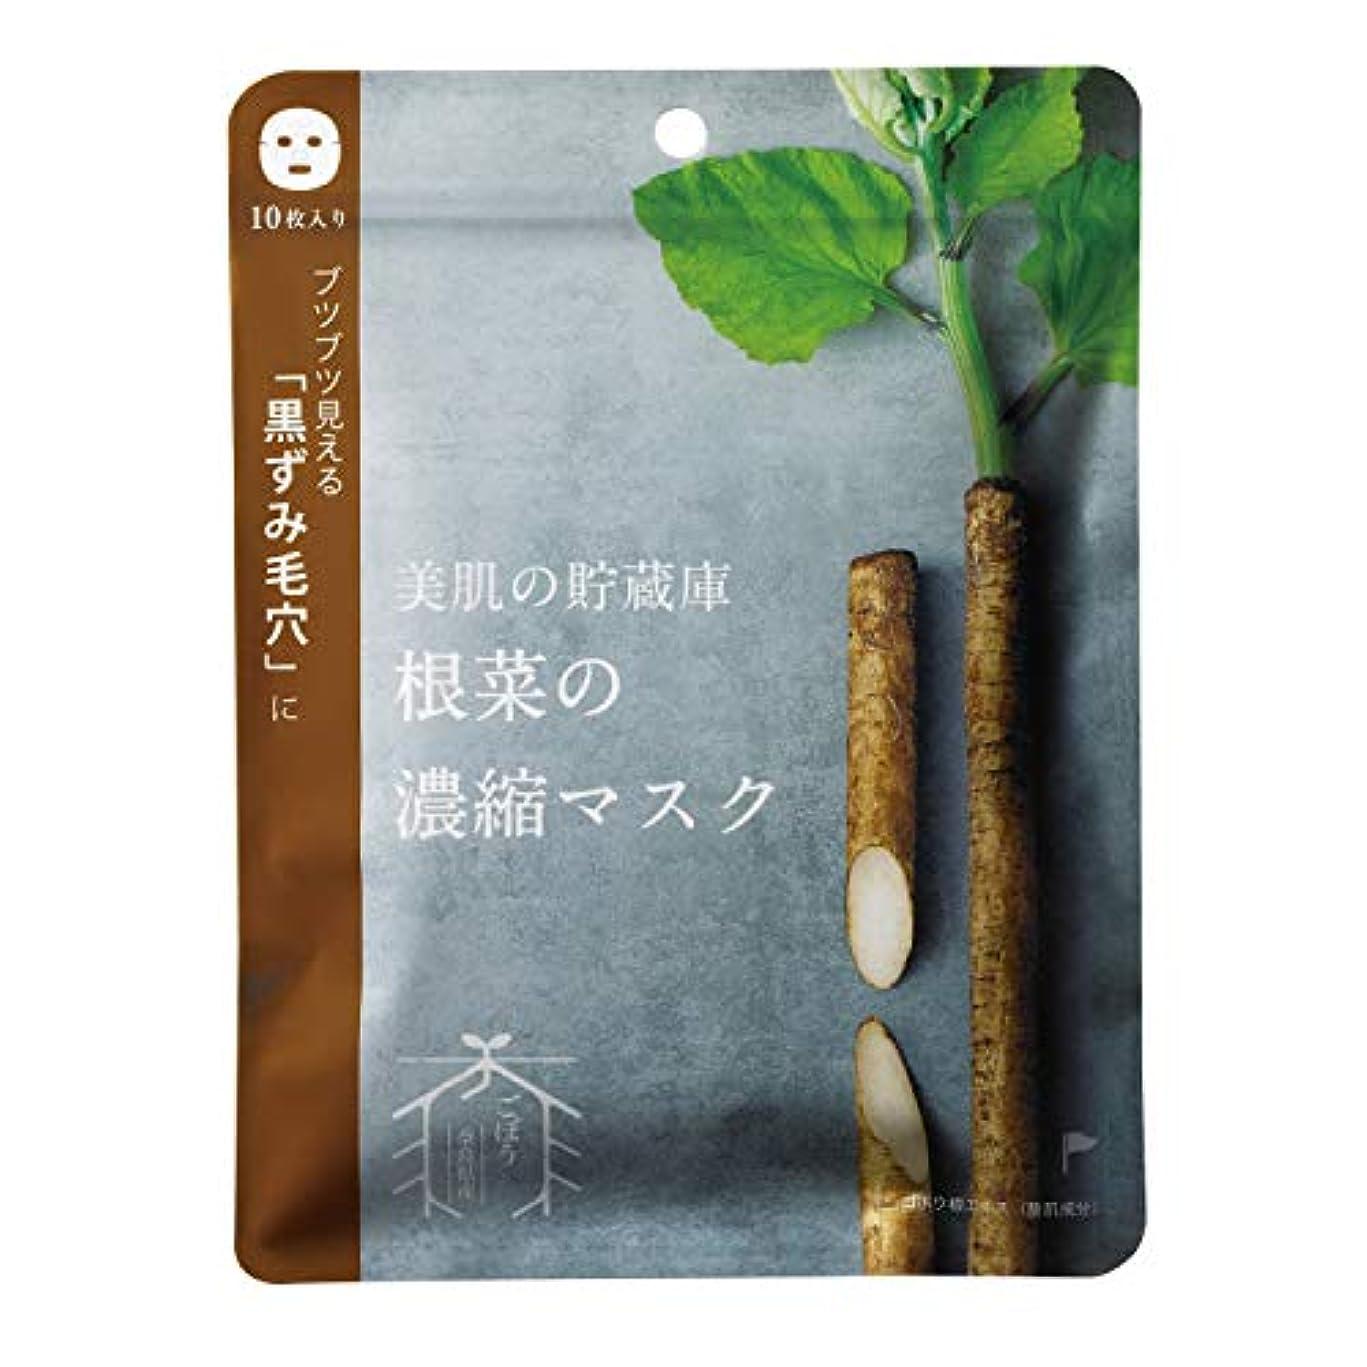 レトルト階層刈る@cosme nippon 美肌の貯蔵庫 根菜の濃縮マスク 宇陀金ごぼう 10枚 160ml